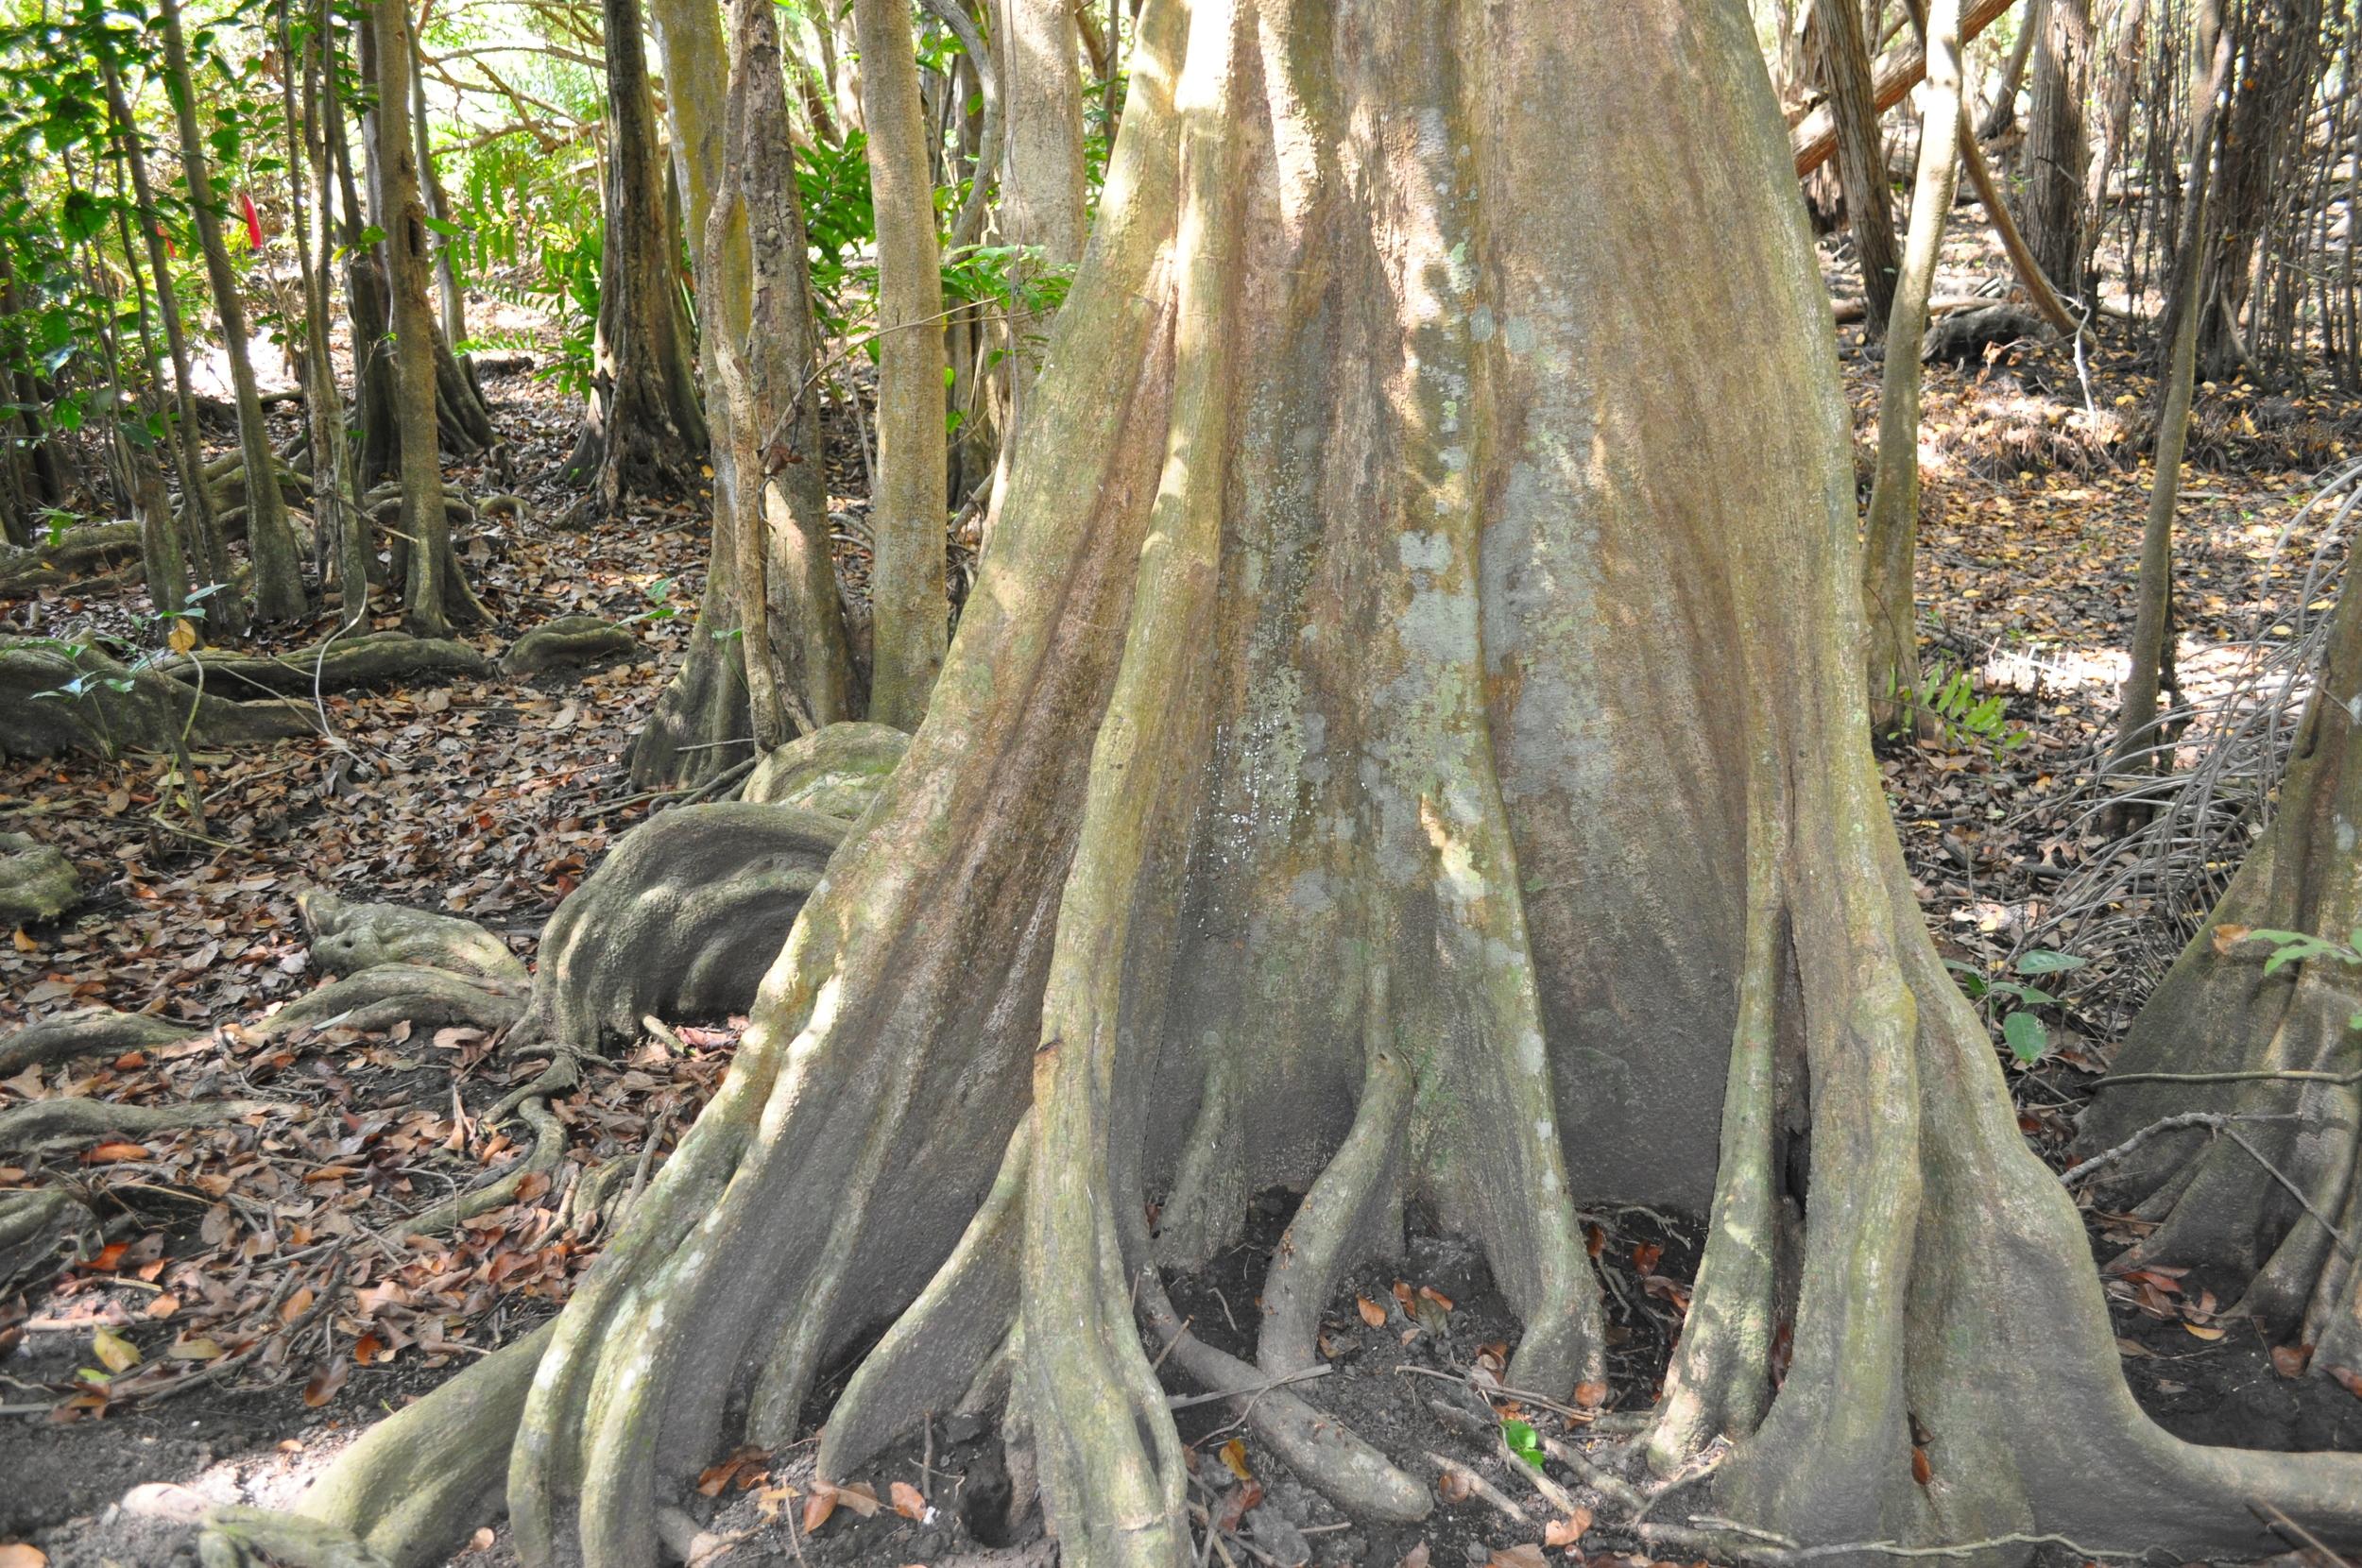 Para llegar a este bosque   de Punta Viento hay que seguir un camino vecinal que se encuentra por el sector El Bajo en la carretera #3. El bosque de Pterocarpus officinalis (Palo de pollo) es el único de este tipo en la zona sur de  Puerto Rico . Foto: Pamy Rojas